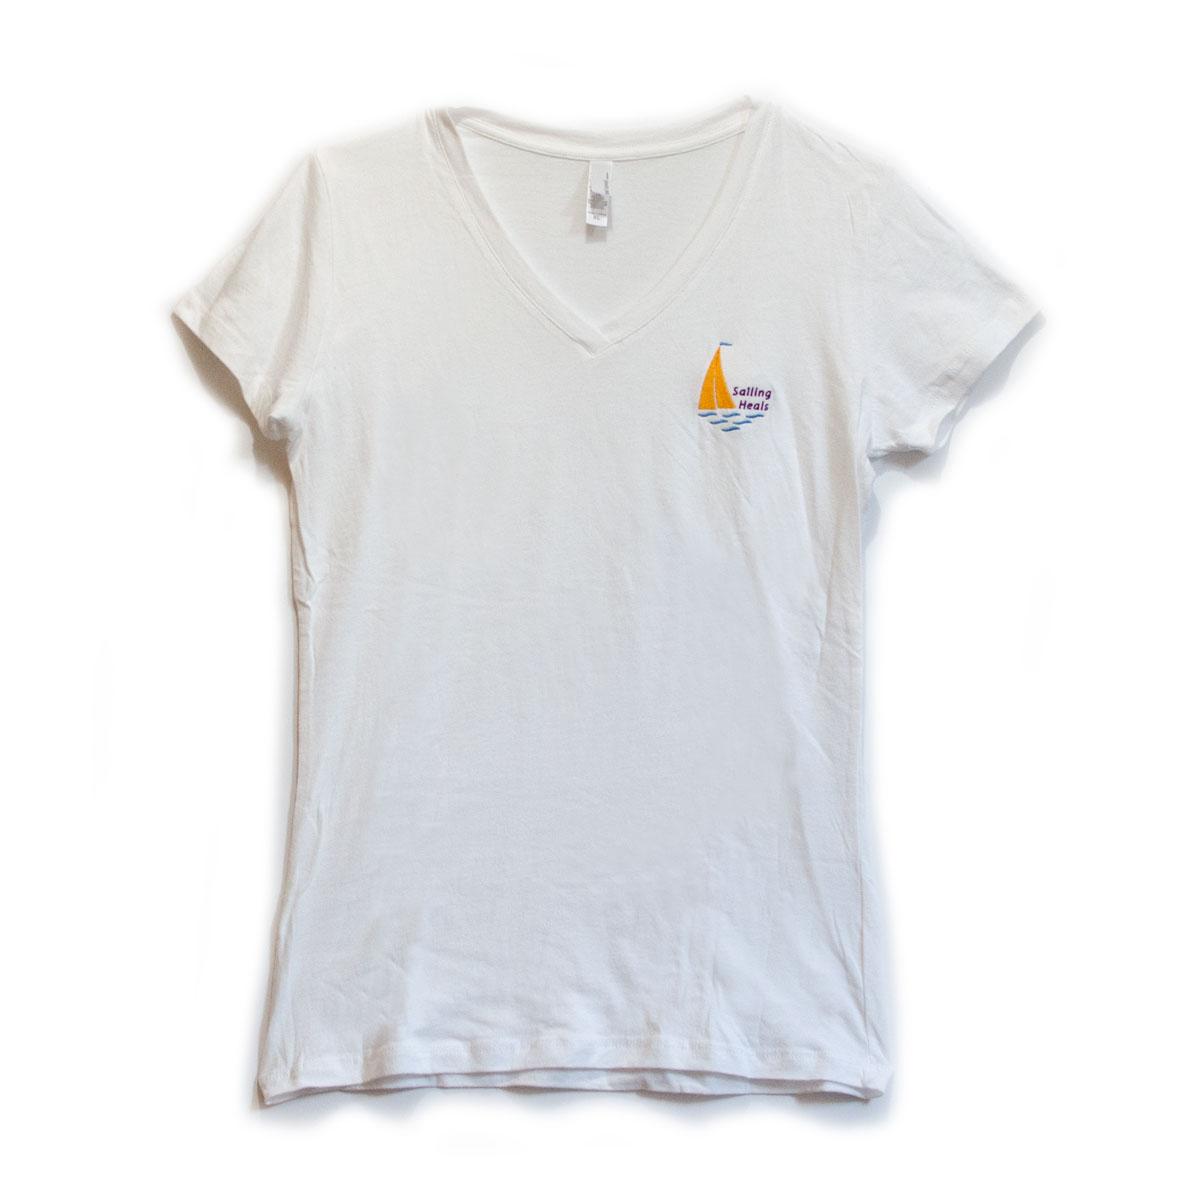 sh-t-shirt-women-1